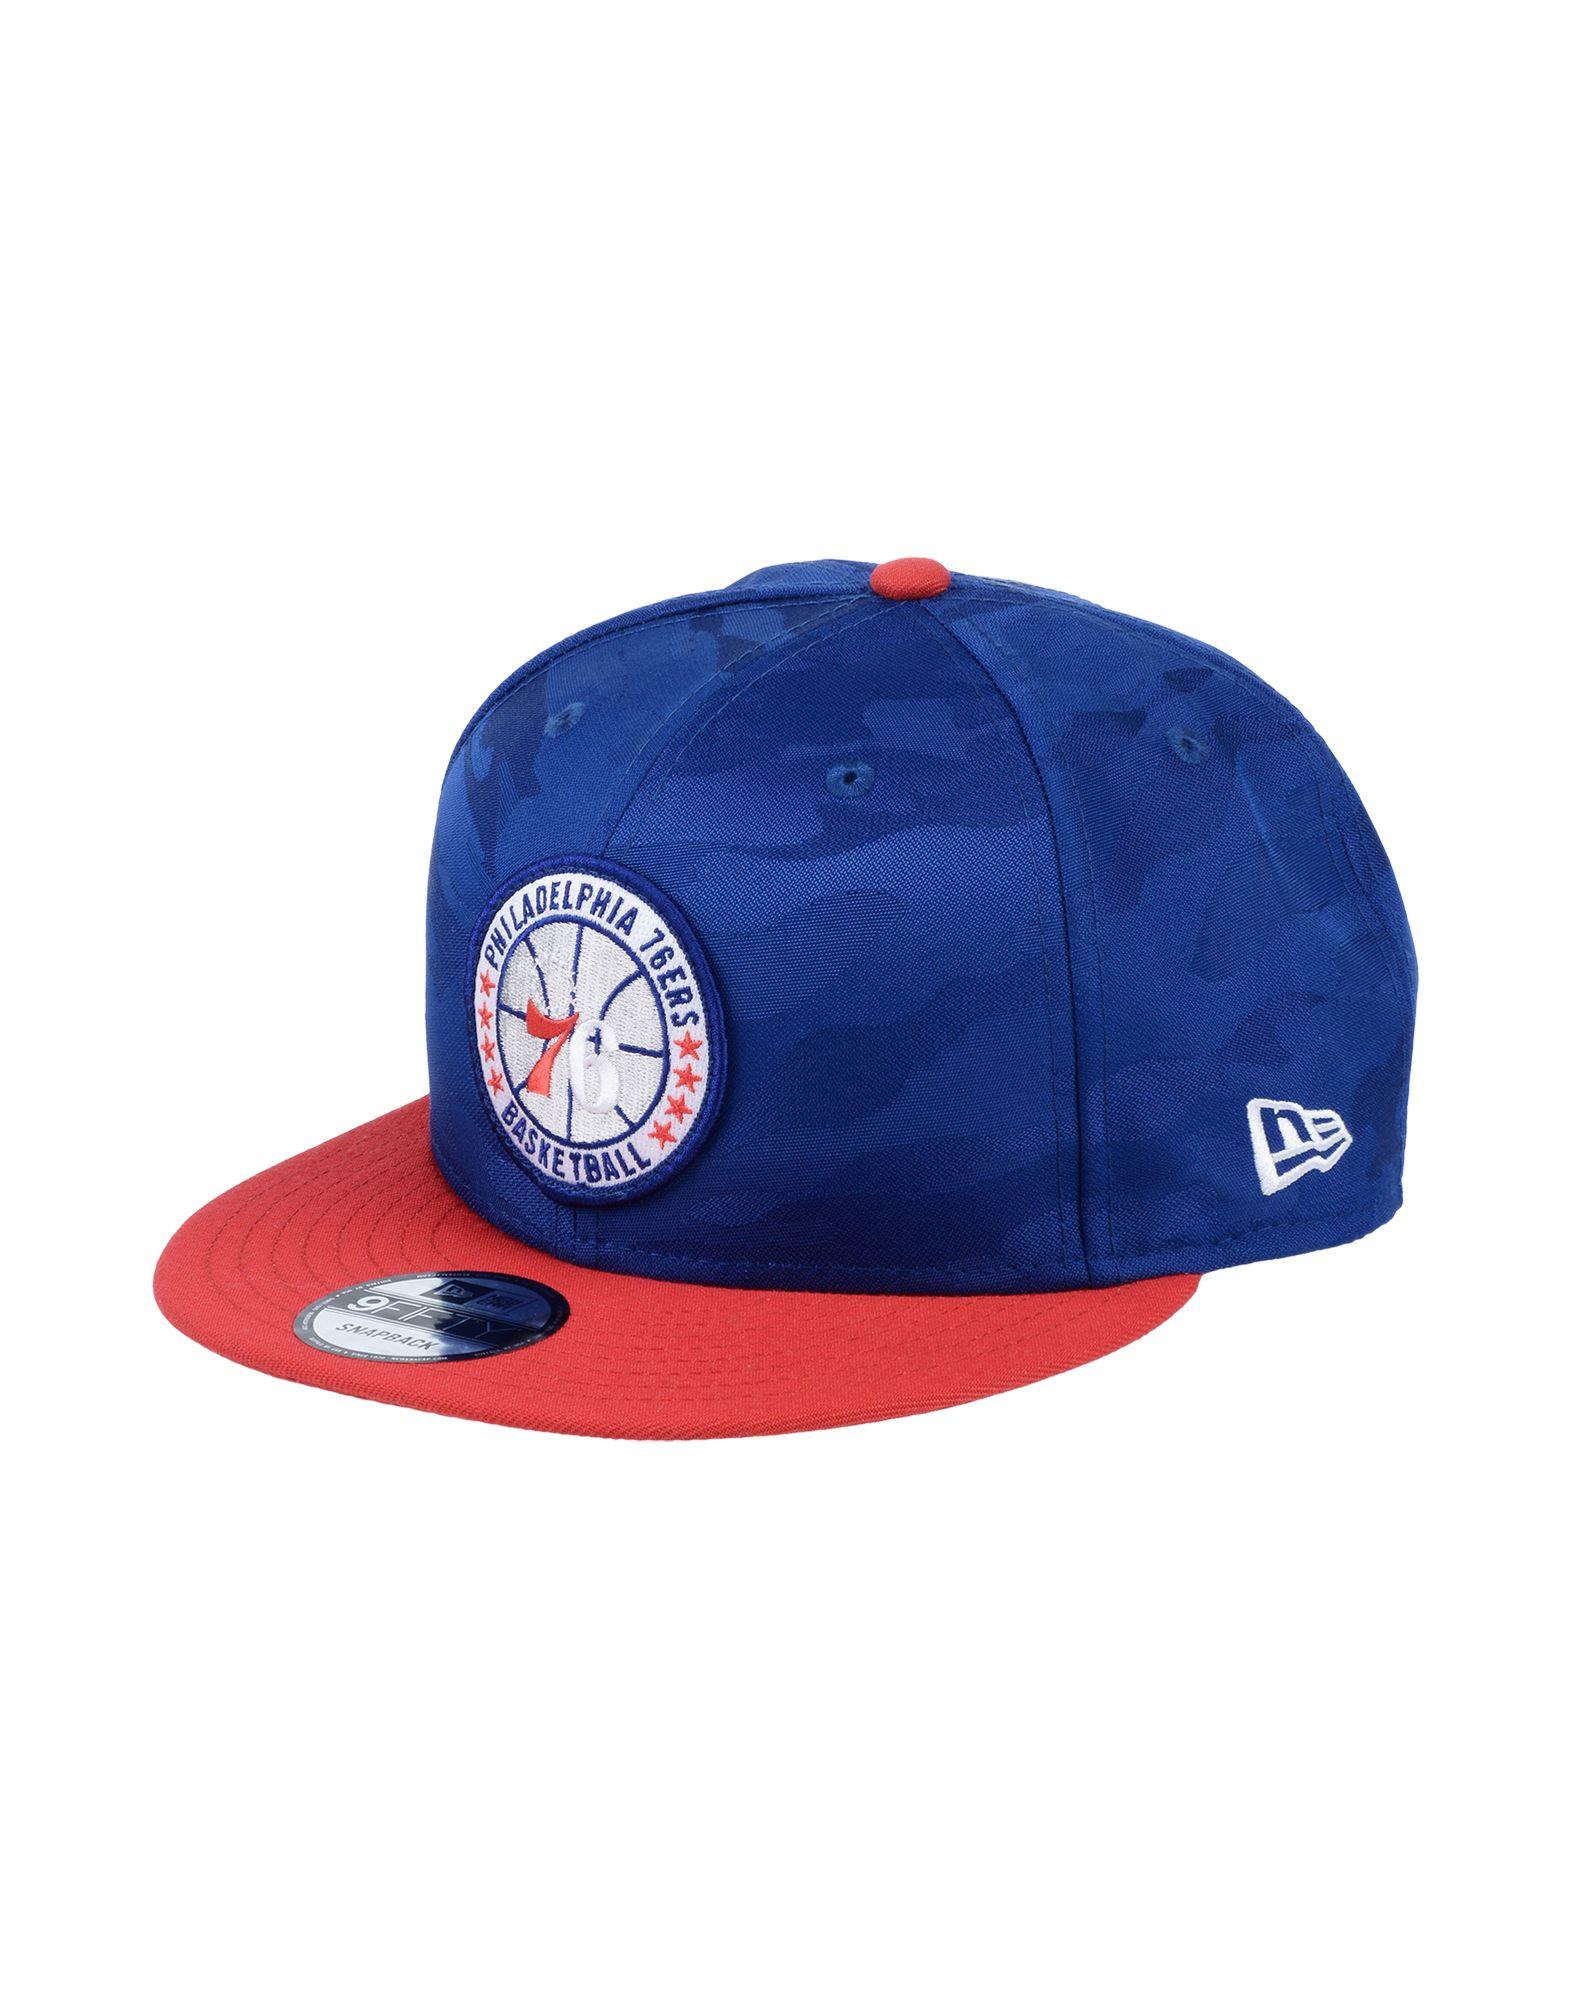 《期間限定 セール開催中》NEW ERA メンズ 帽子 ブライトブルー one size ポリエステル 100%